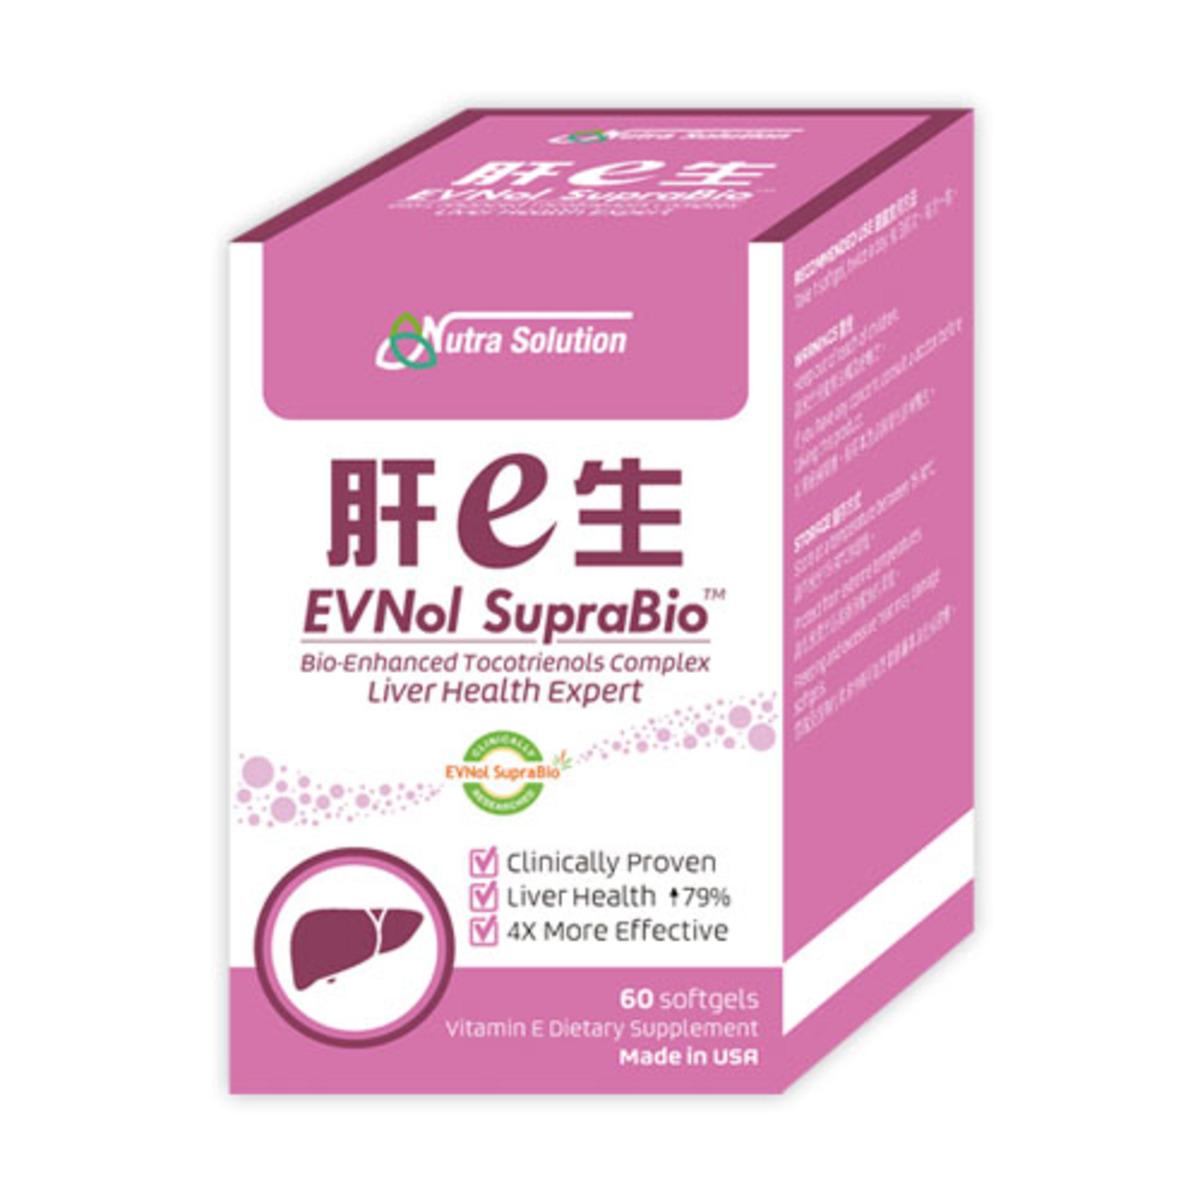 Nutra Solution EVNol SupraBio Vitamin E Complex – Liver Formula (60 softgels)